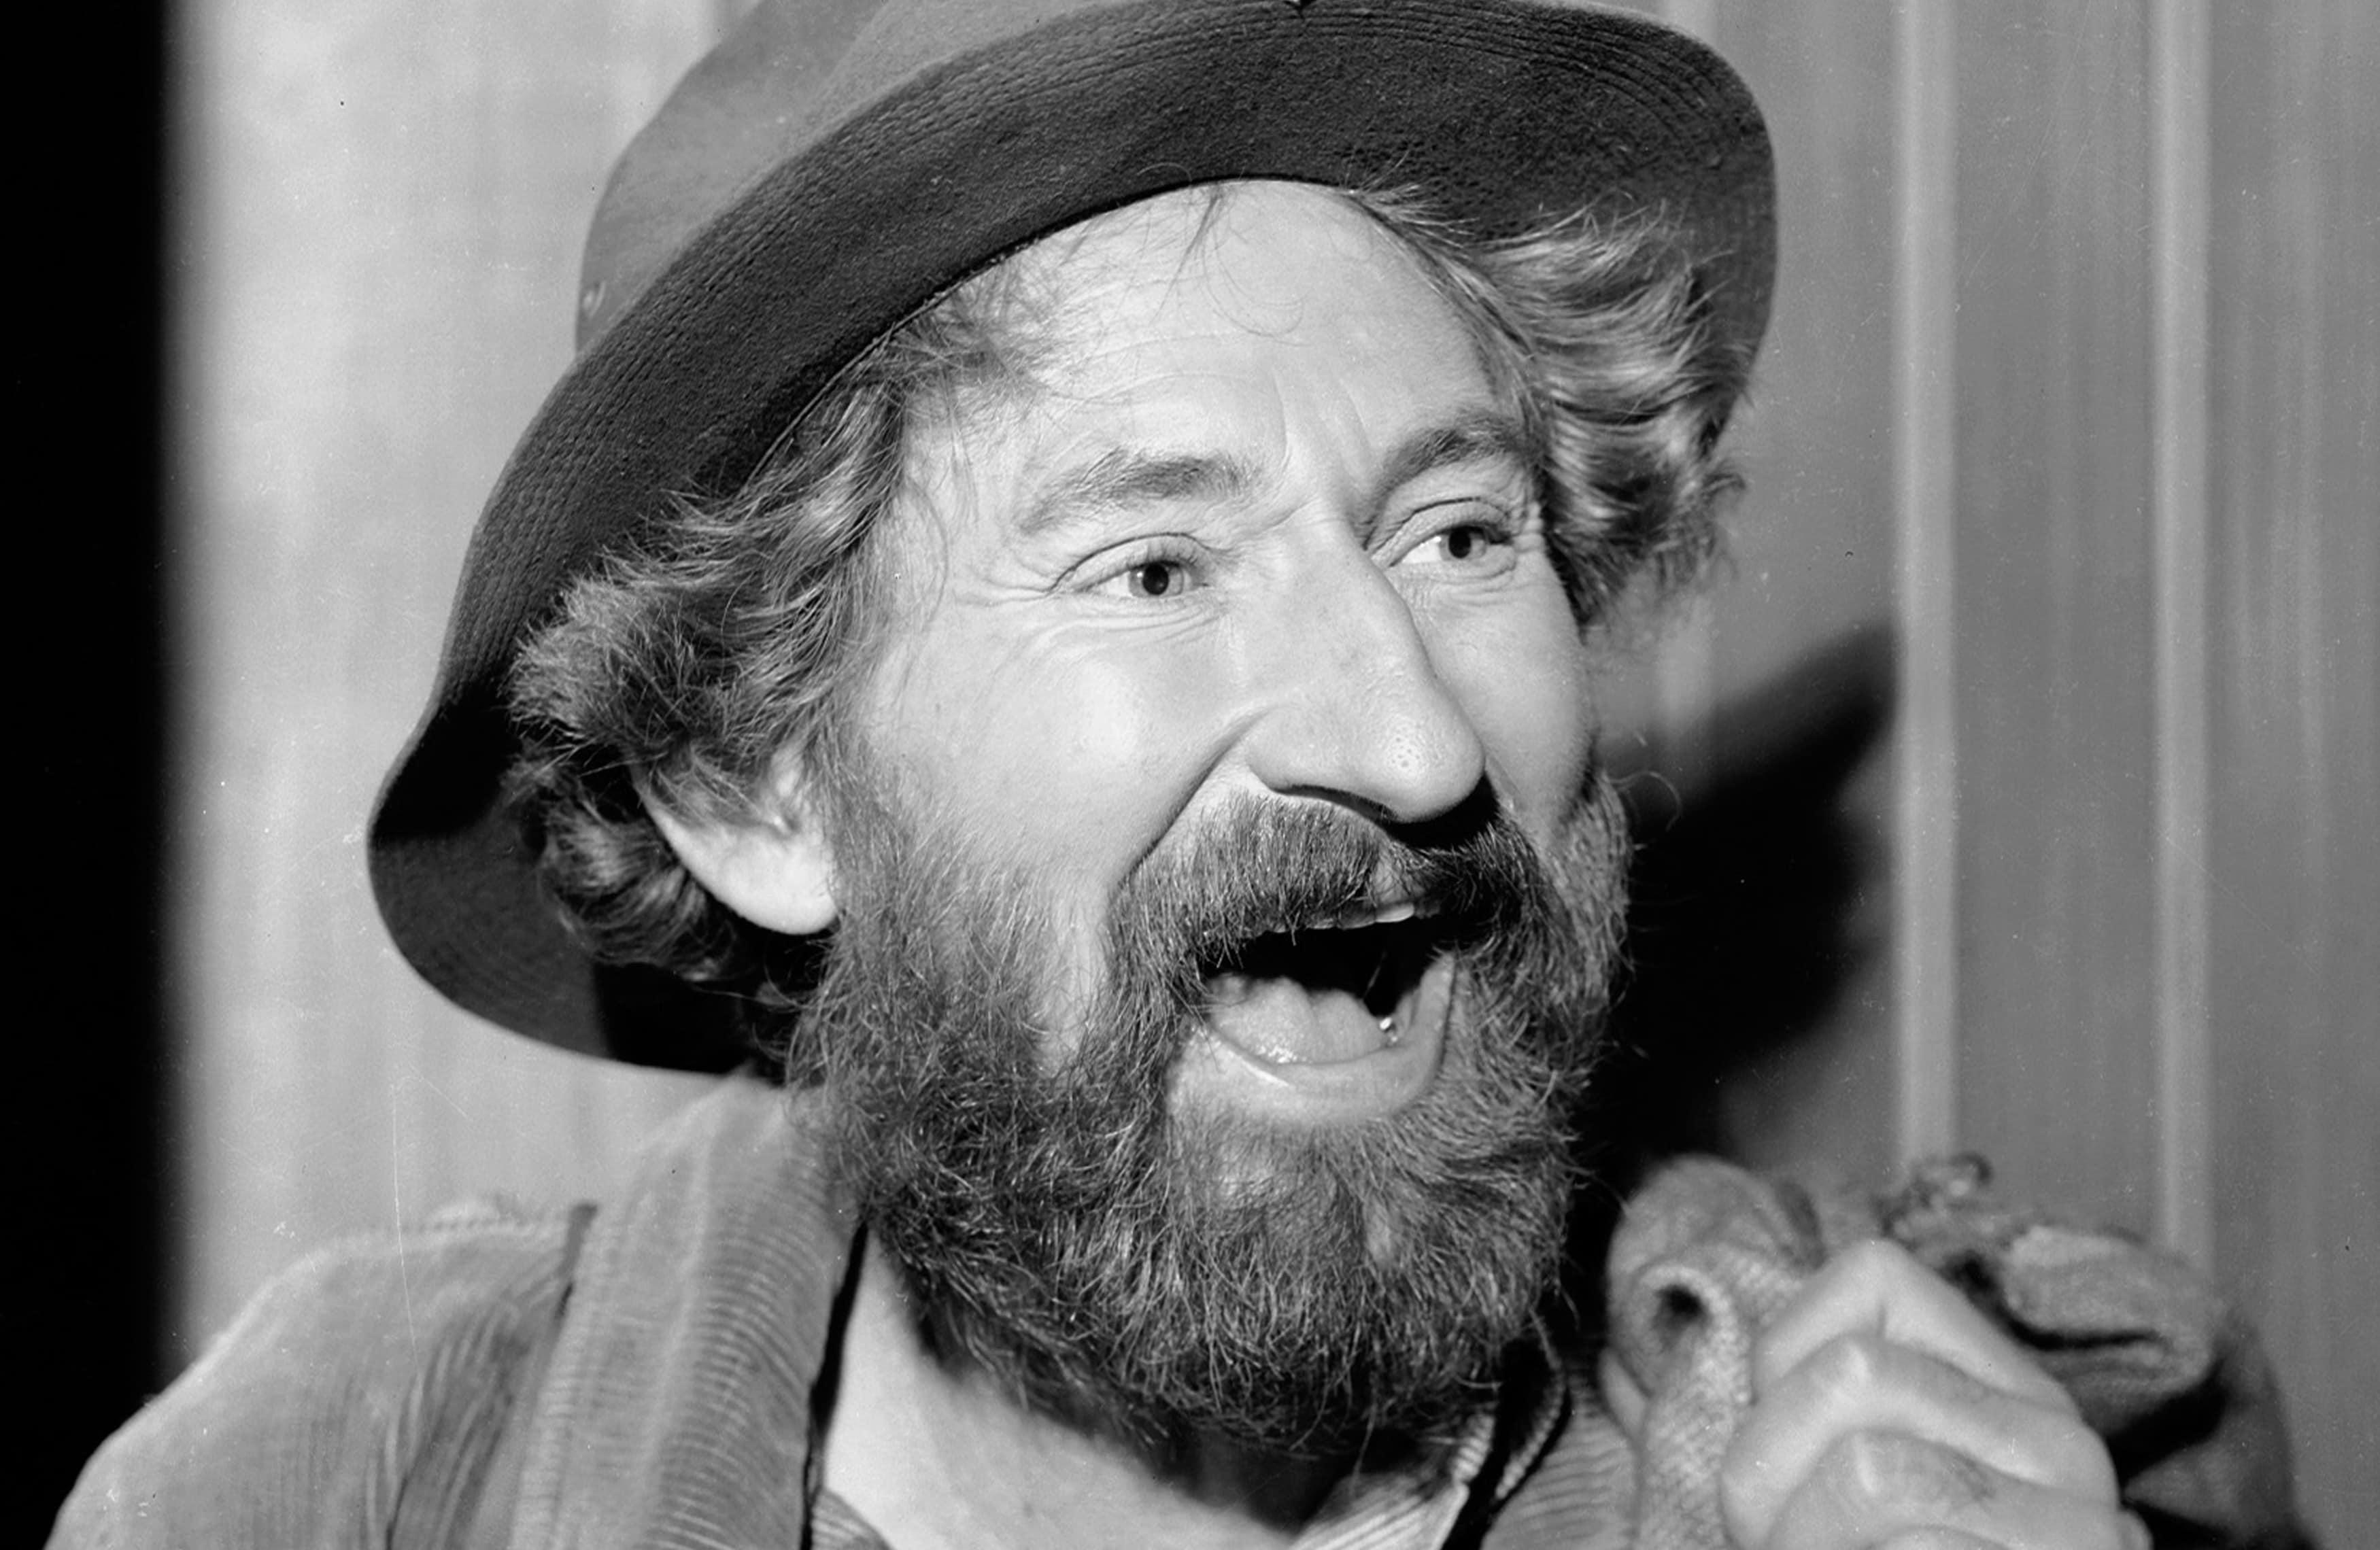 Arthur Hunnicutt